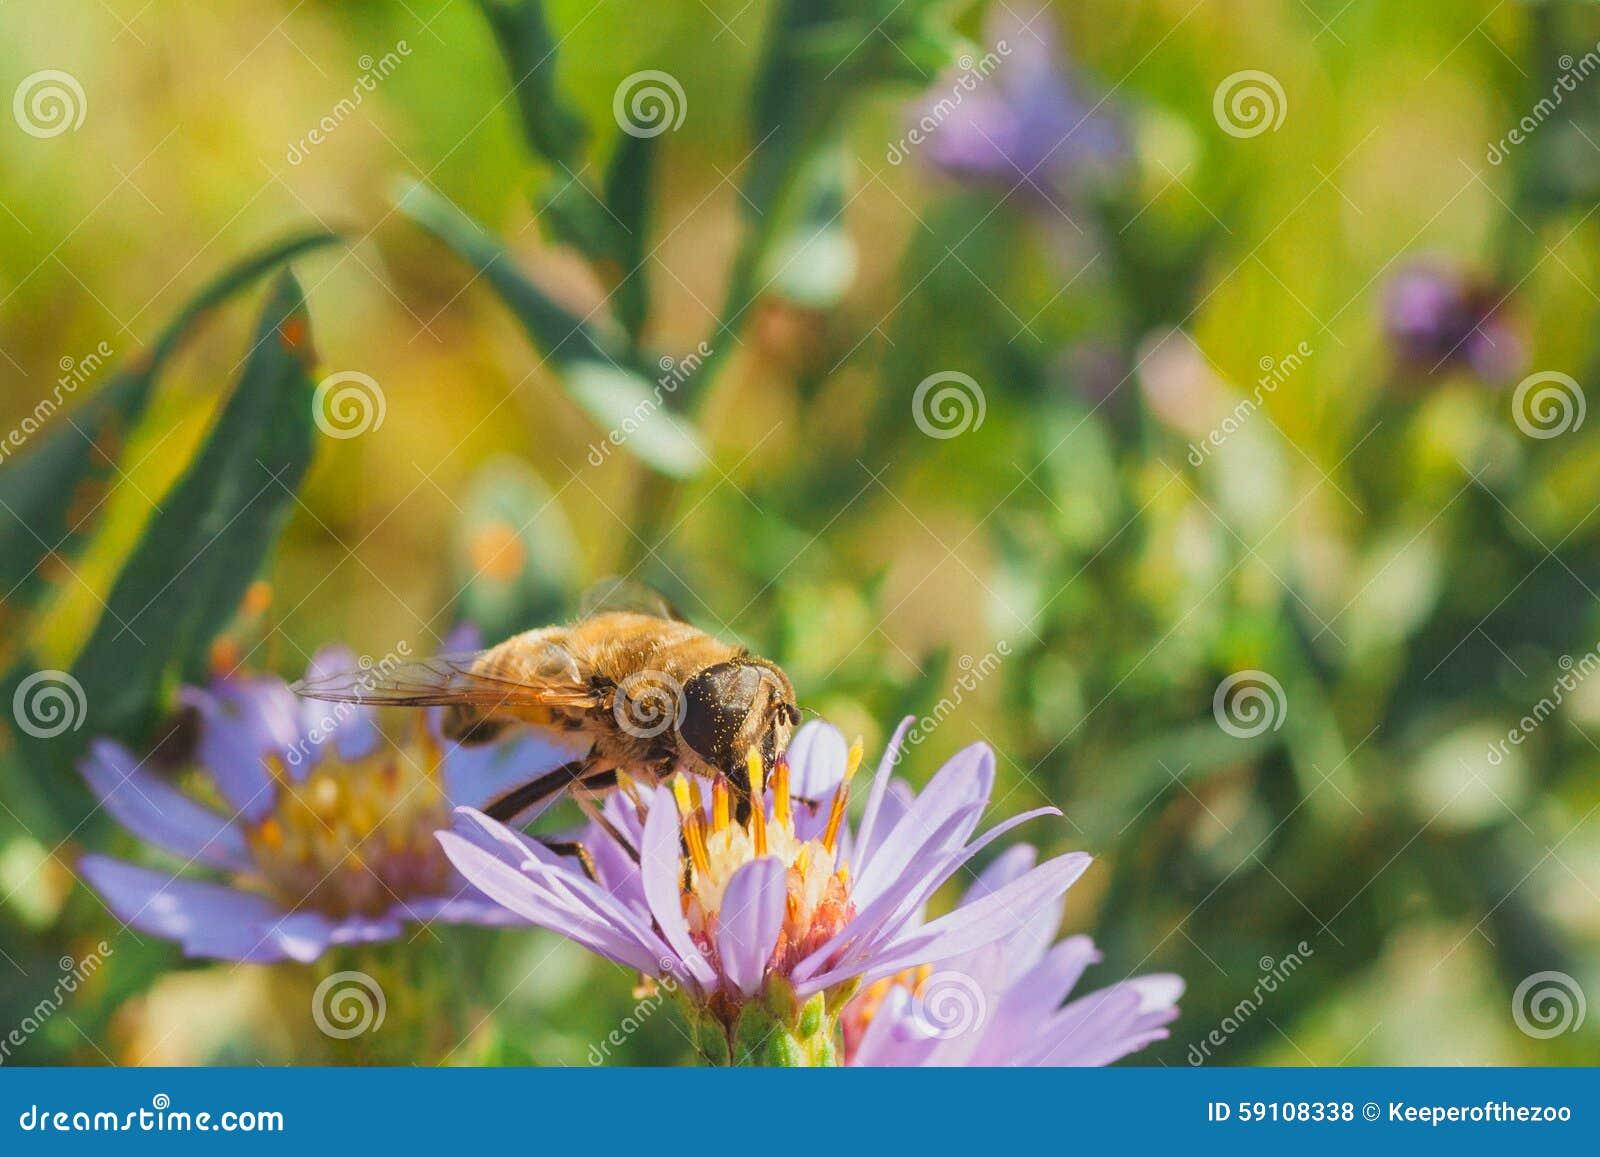 花粉盖了Hoverfly